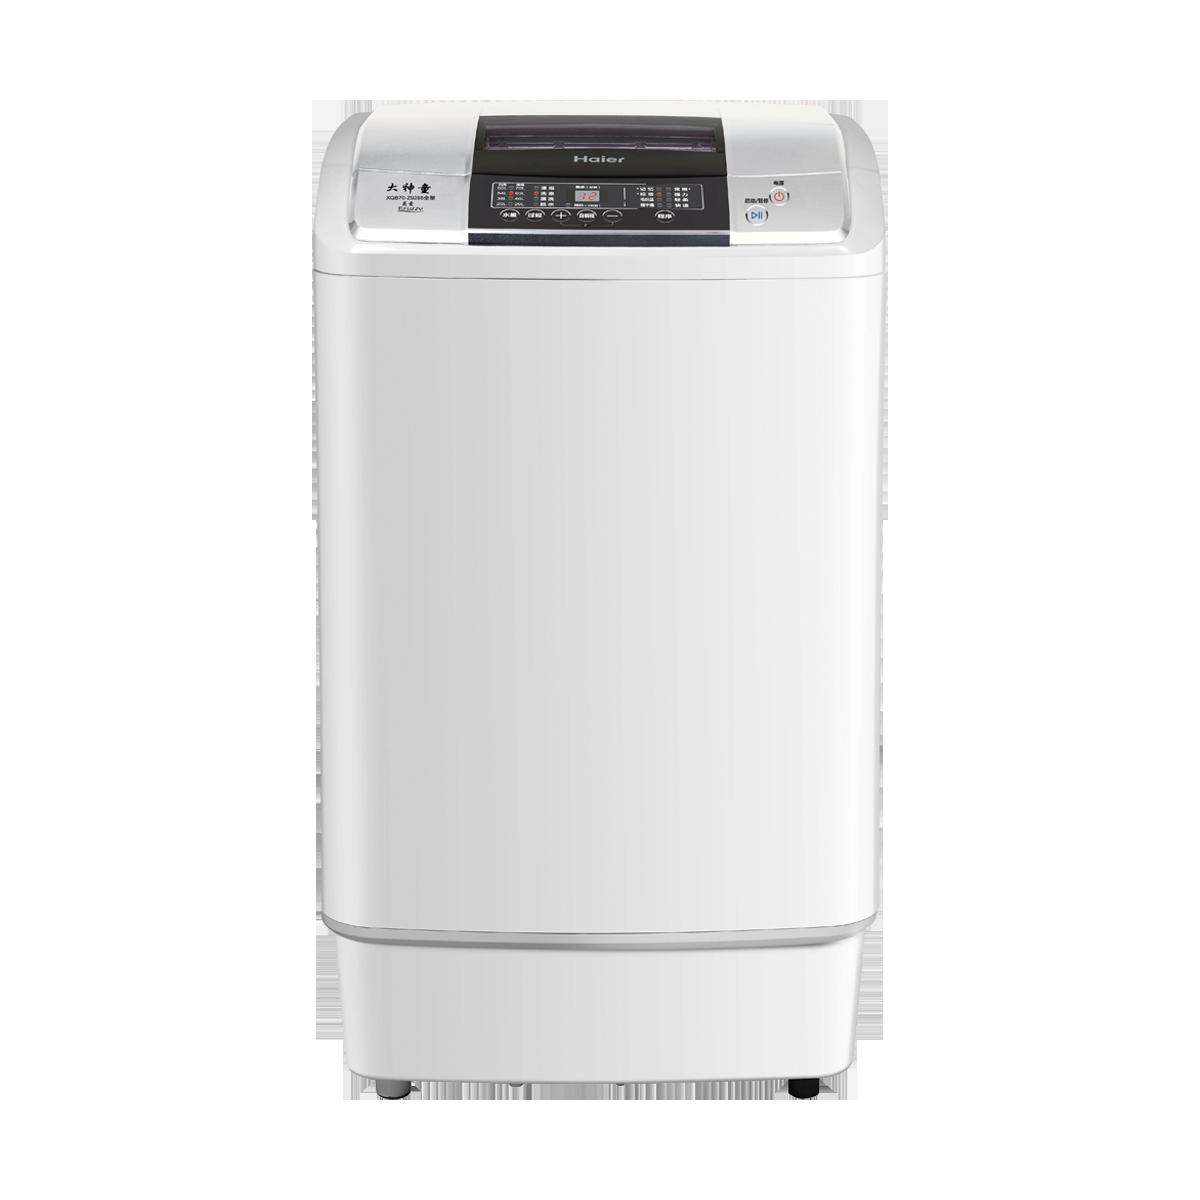 海尔Haier洗衣机 XQB70-Z9288 说明书